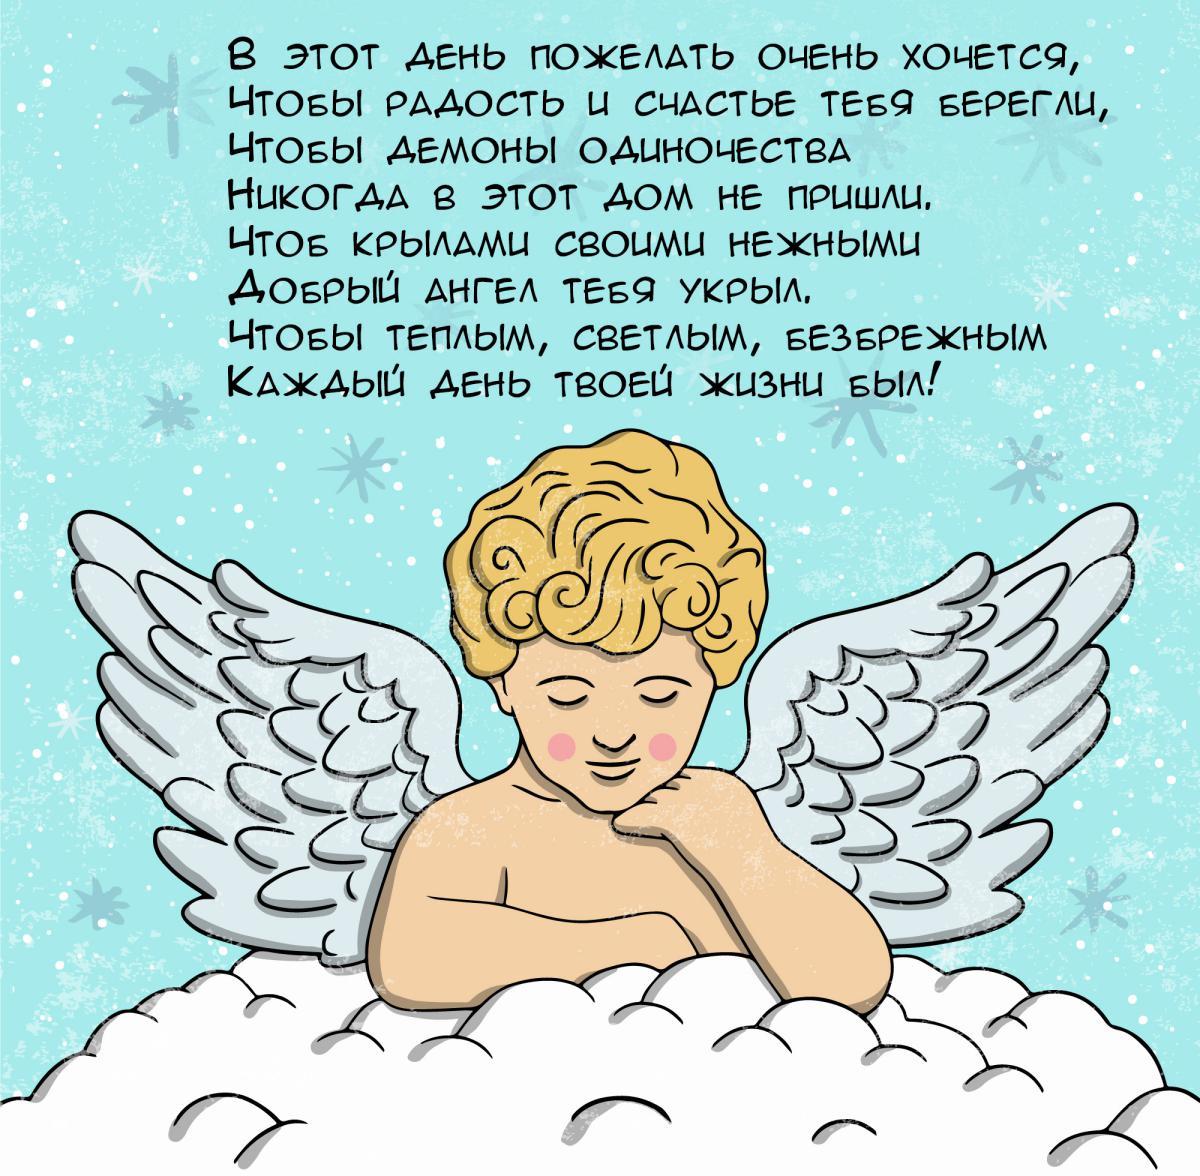 поздравления любимому мужчине с днем ангела сказать